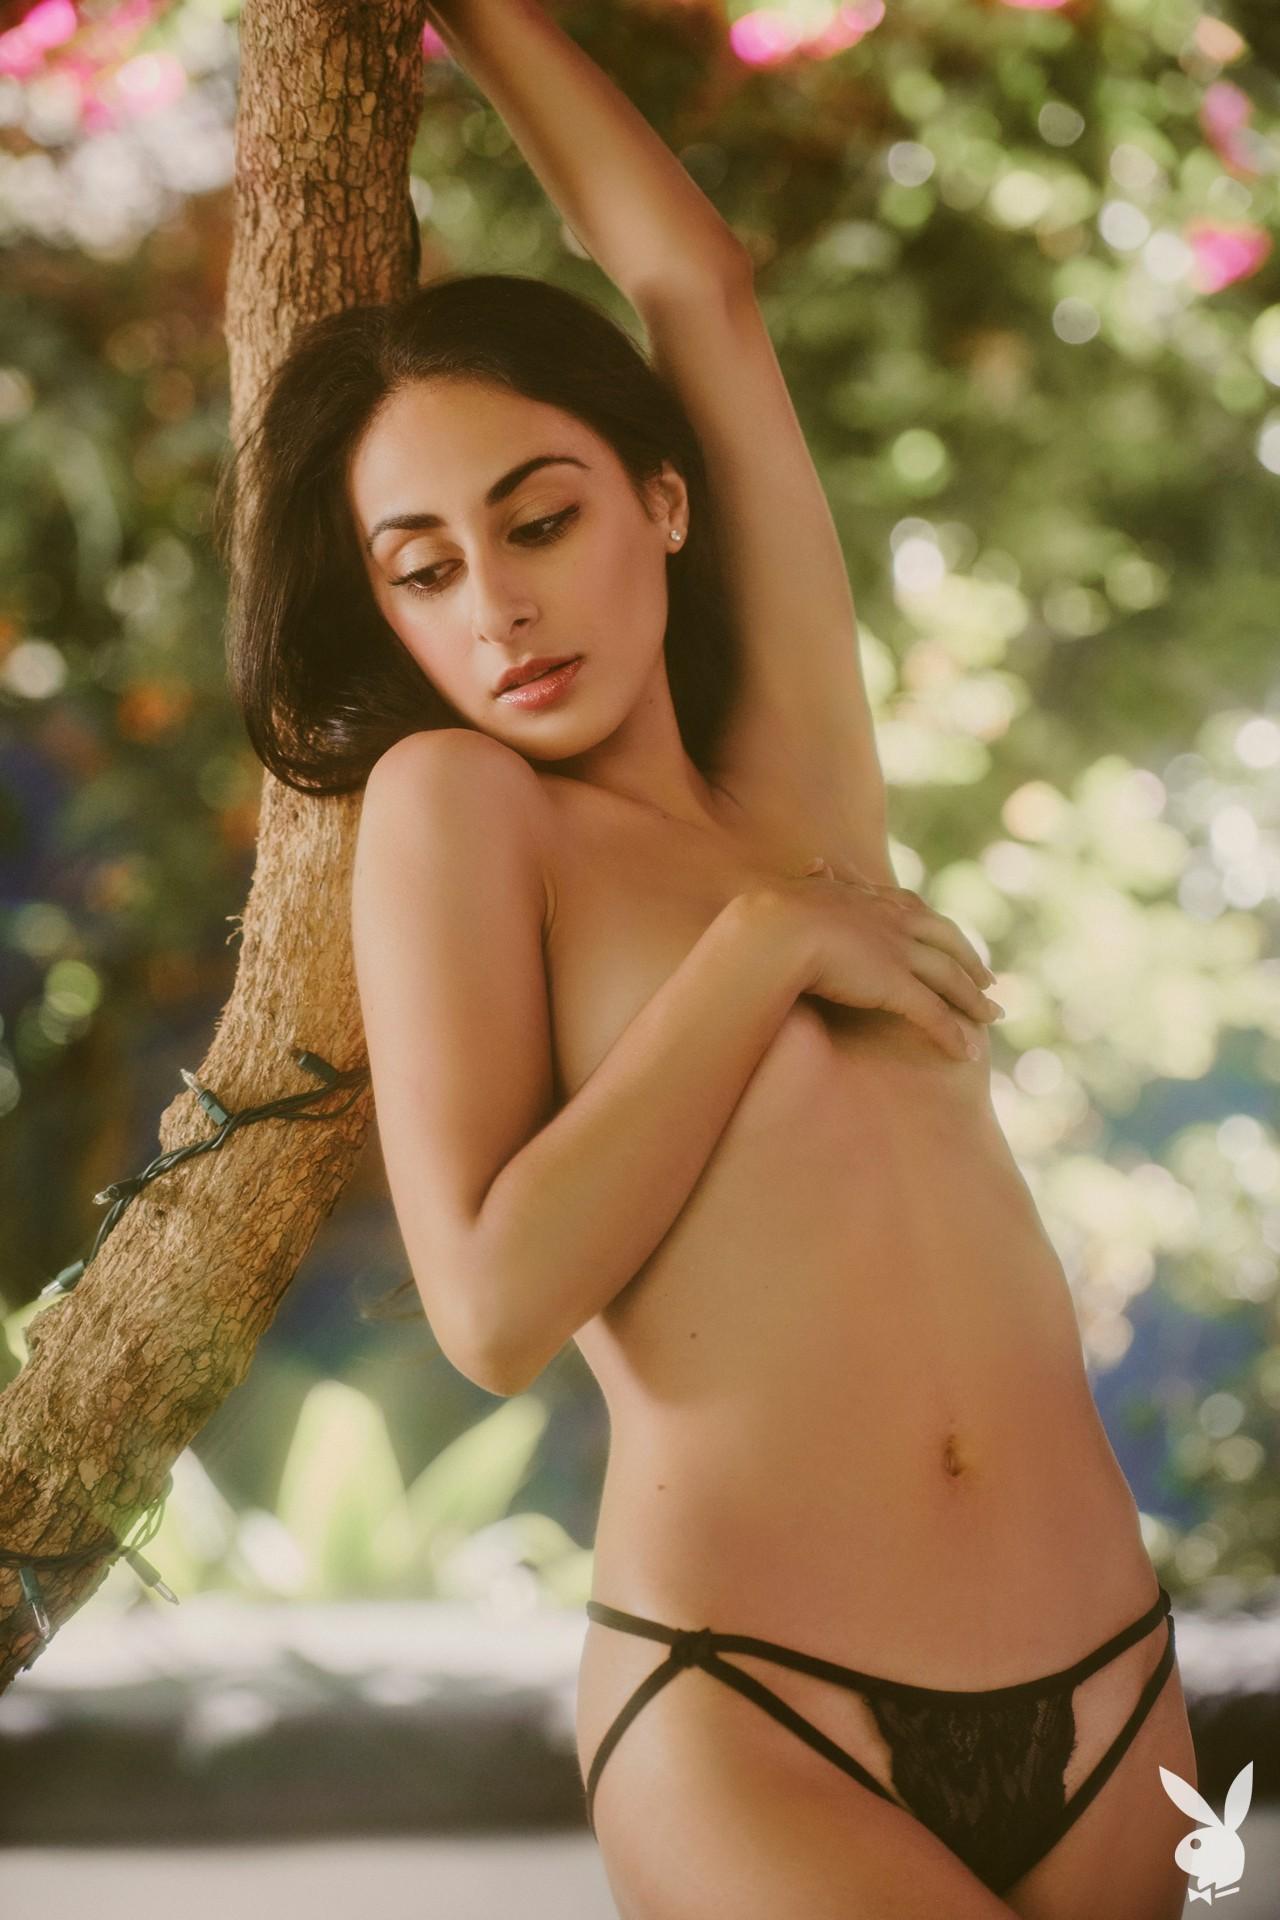 Leighla Habib - Playboy photoshoot